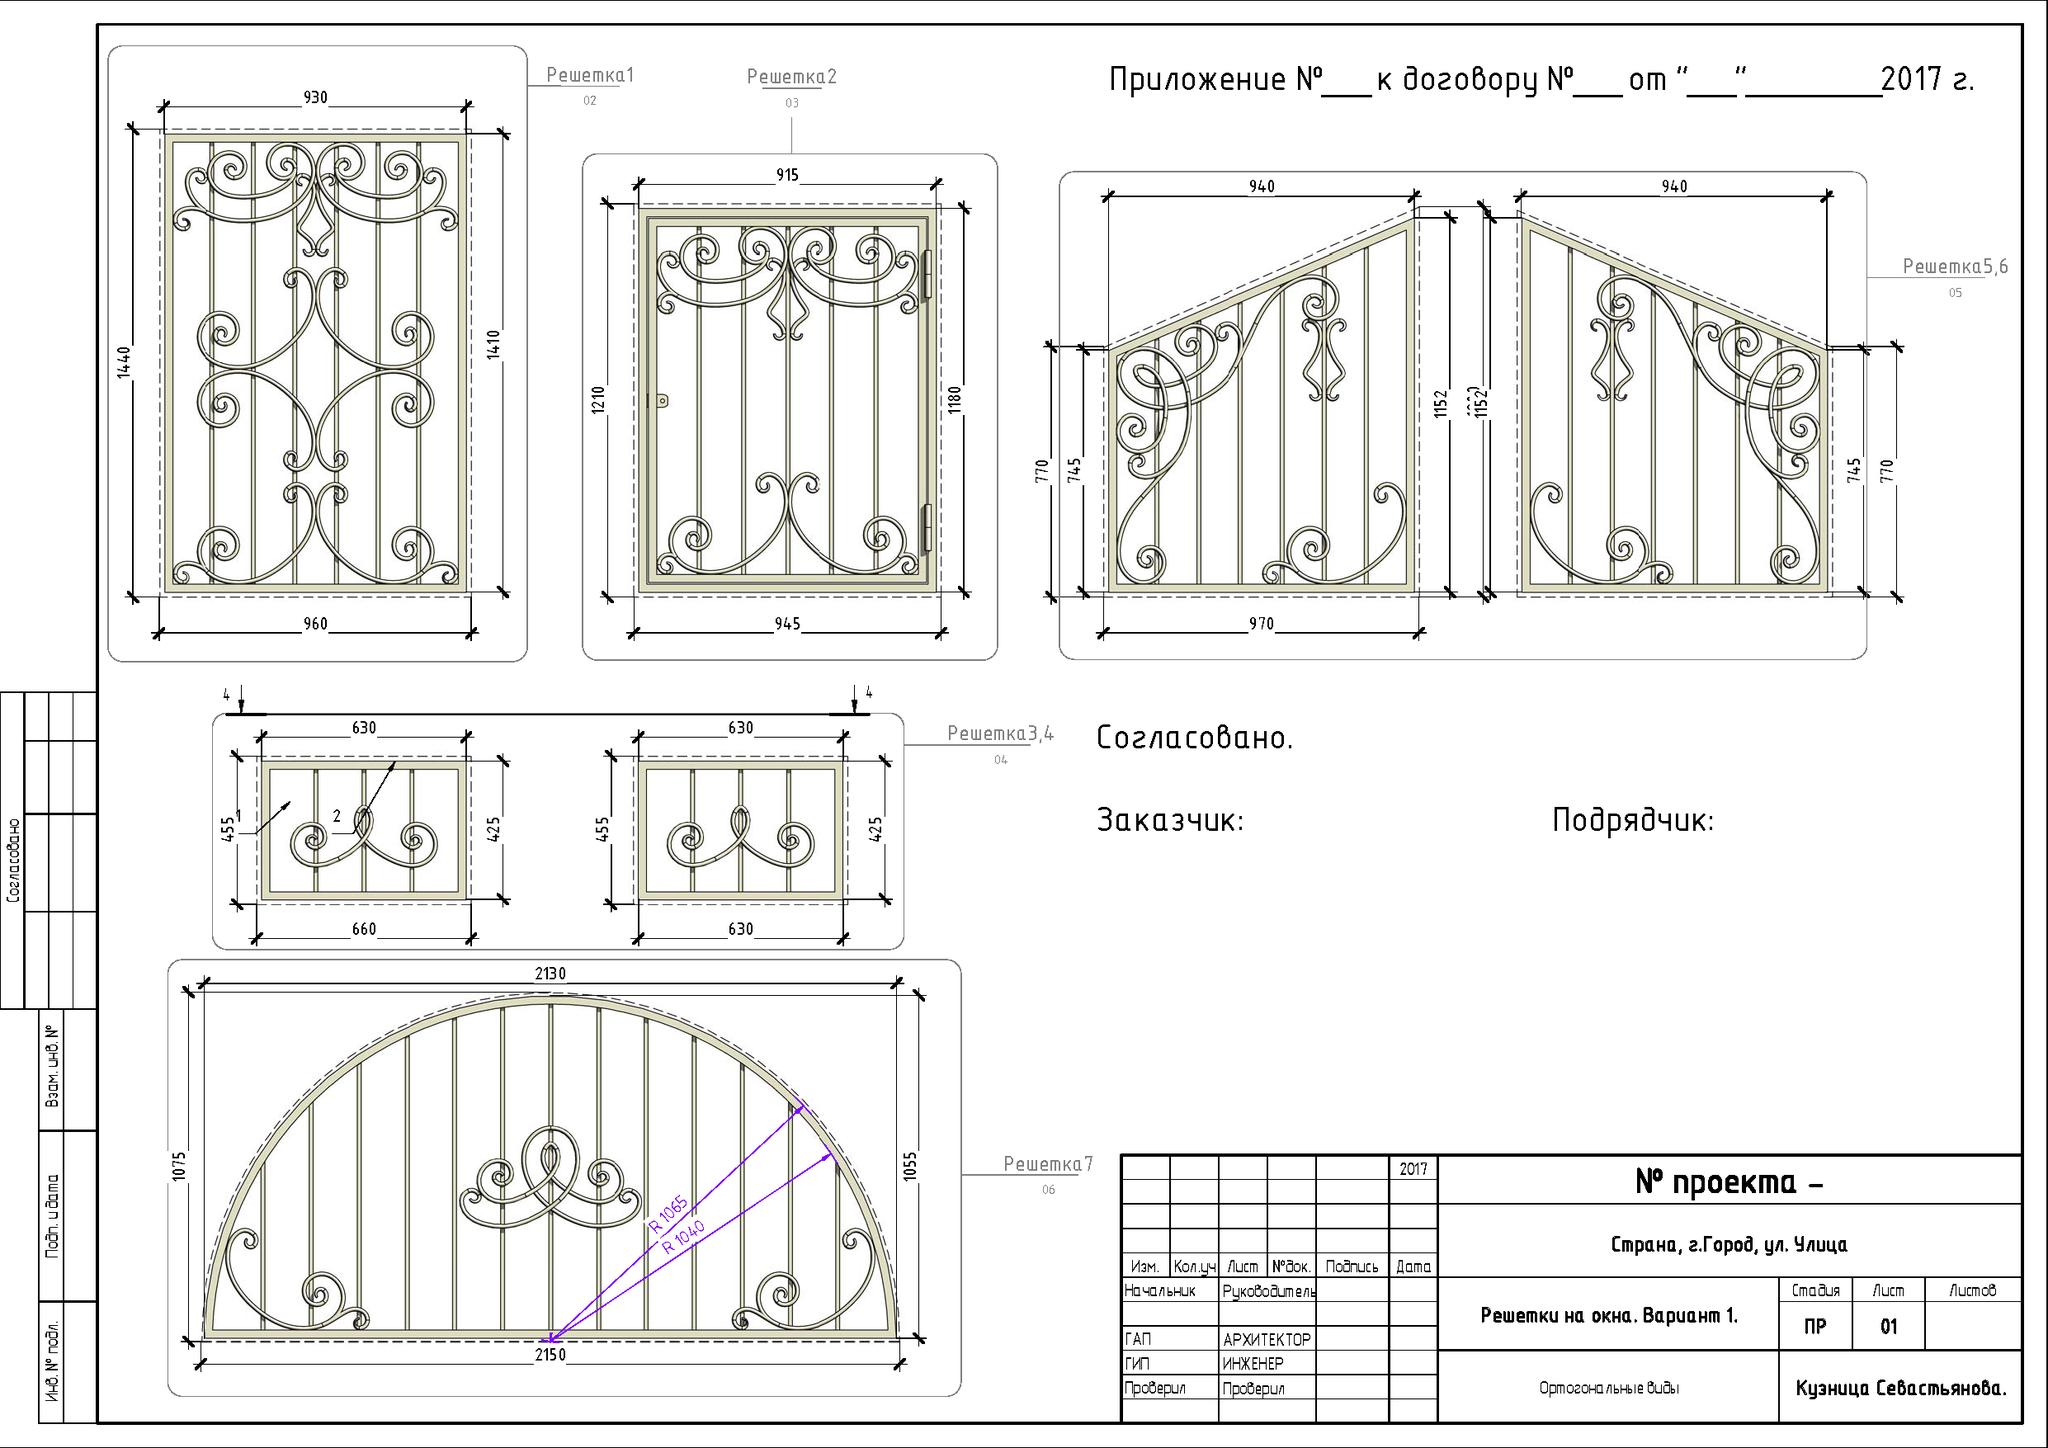 Дизайн- проект декоративных элементов фасада